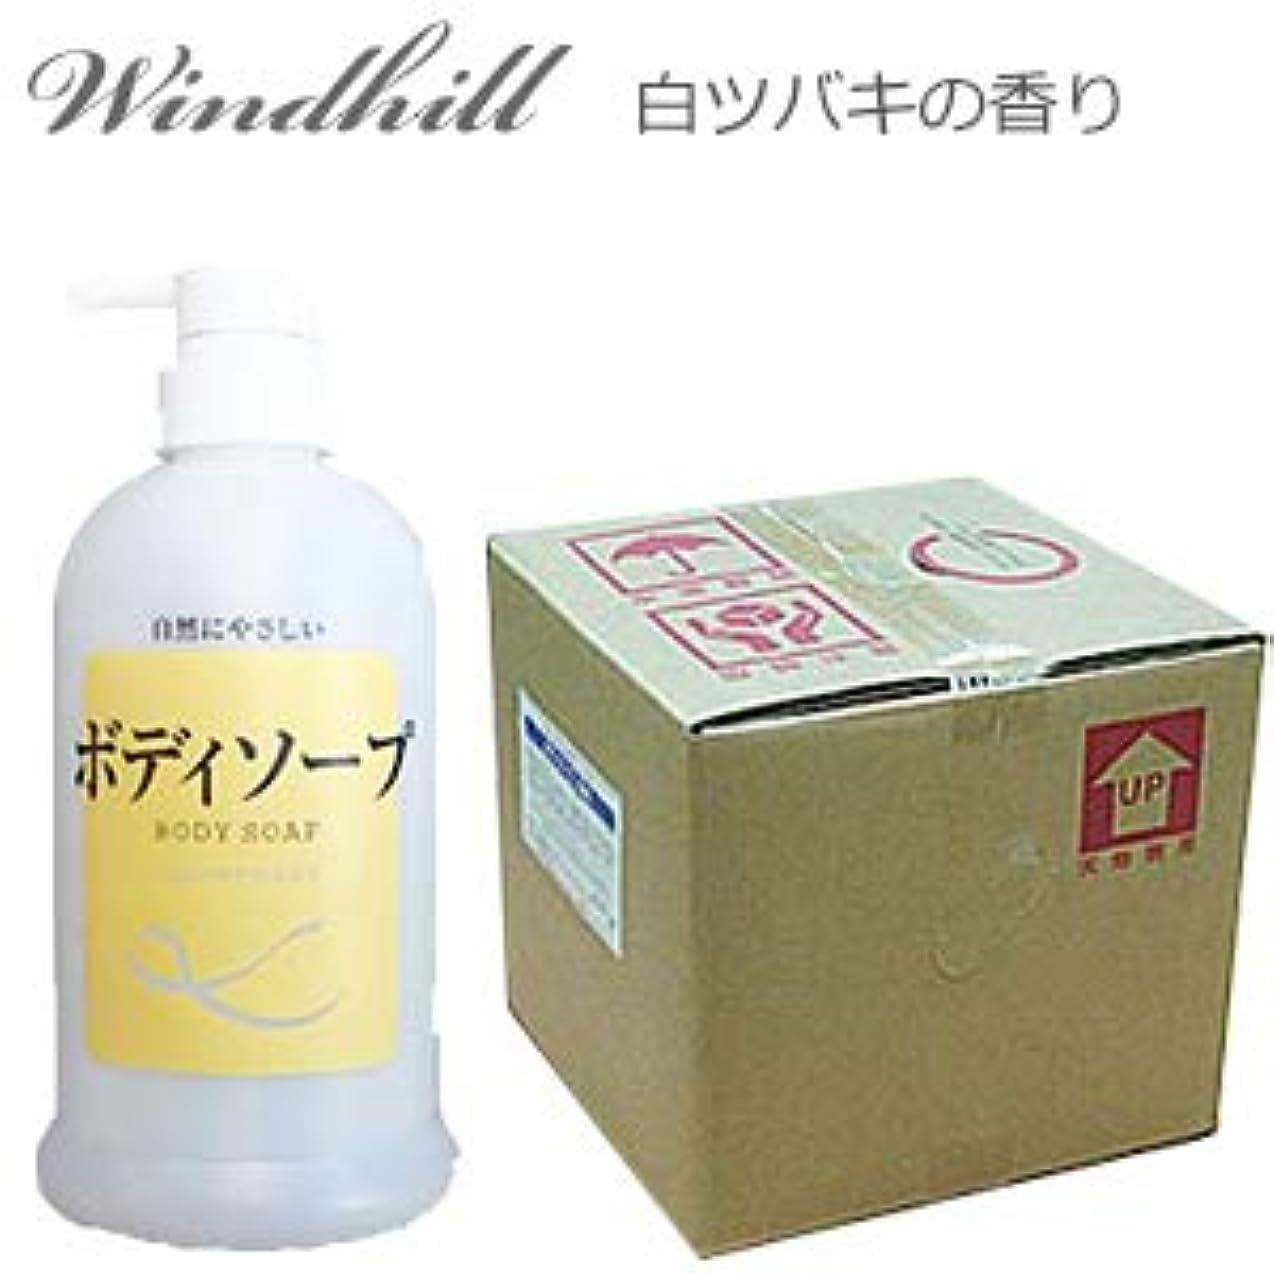 ふける共和国単語なんと! 500ml当り175円 Windhill 植物性 業務用 ボディソープ  白ツバキの香り 20L